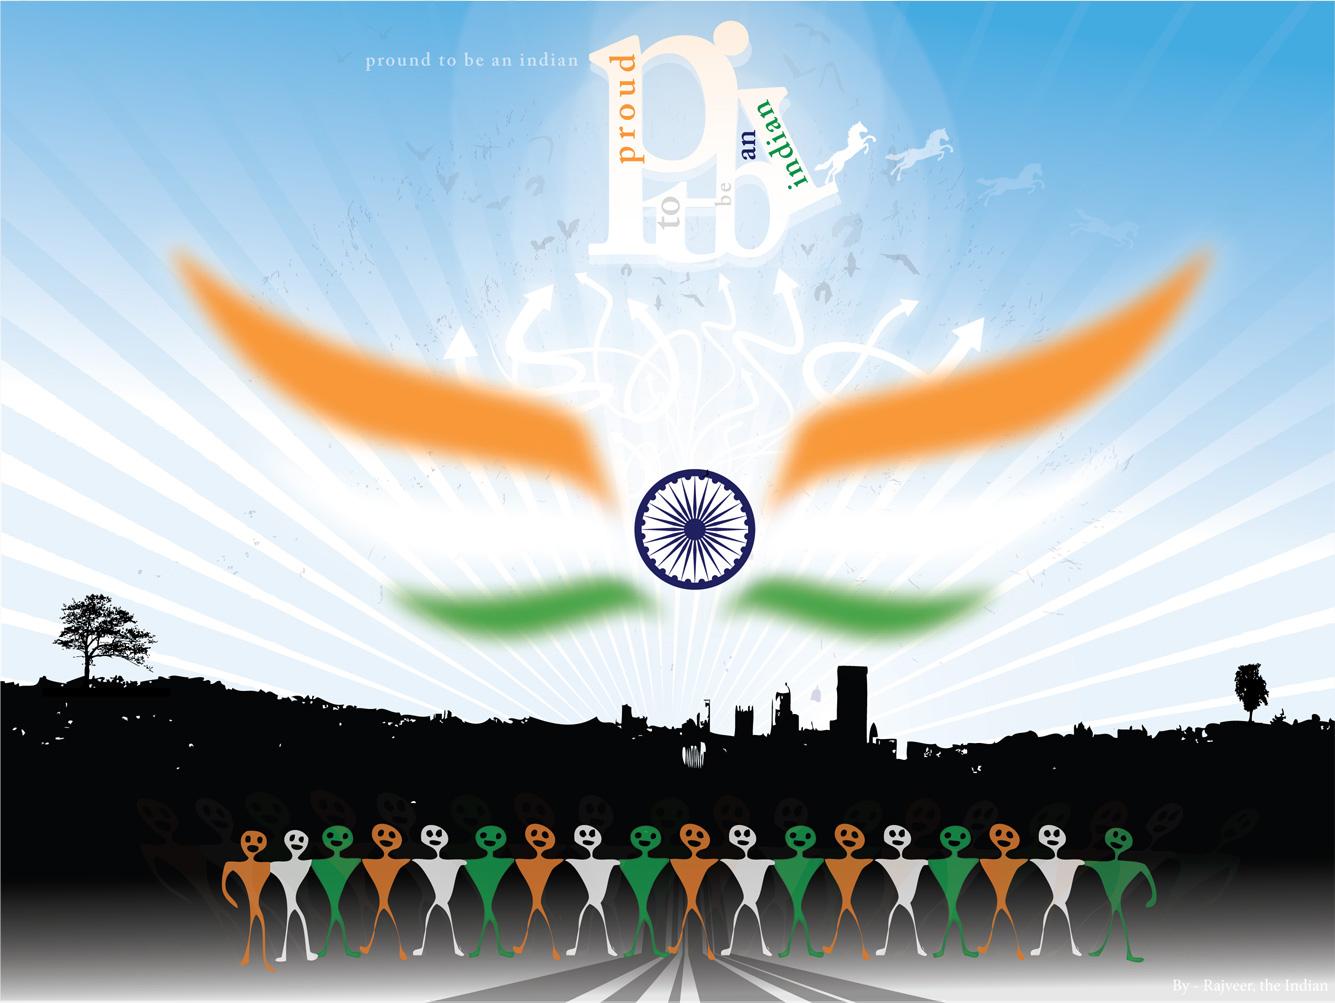 http://3.bp.blogspot.com/-HQkm2s5lfq0/Tj-mQuPQPzI/AAAAAAAAARw/FU9yCLzh63w/s1600/Independence%2BDay%2BOf%2BIndia%2B2011%2BPicture%2B5.jpg